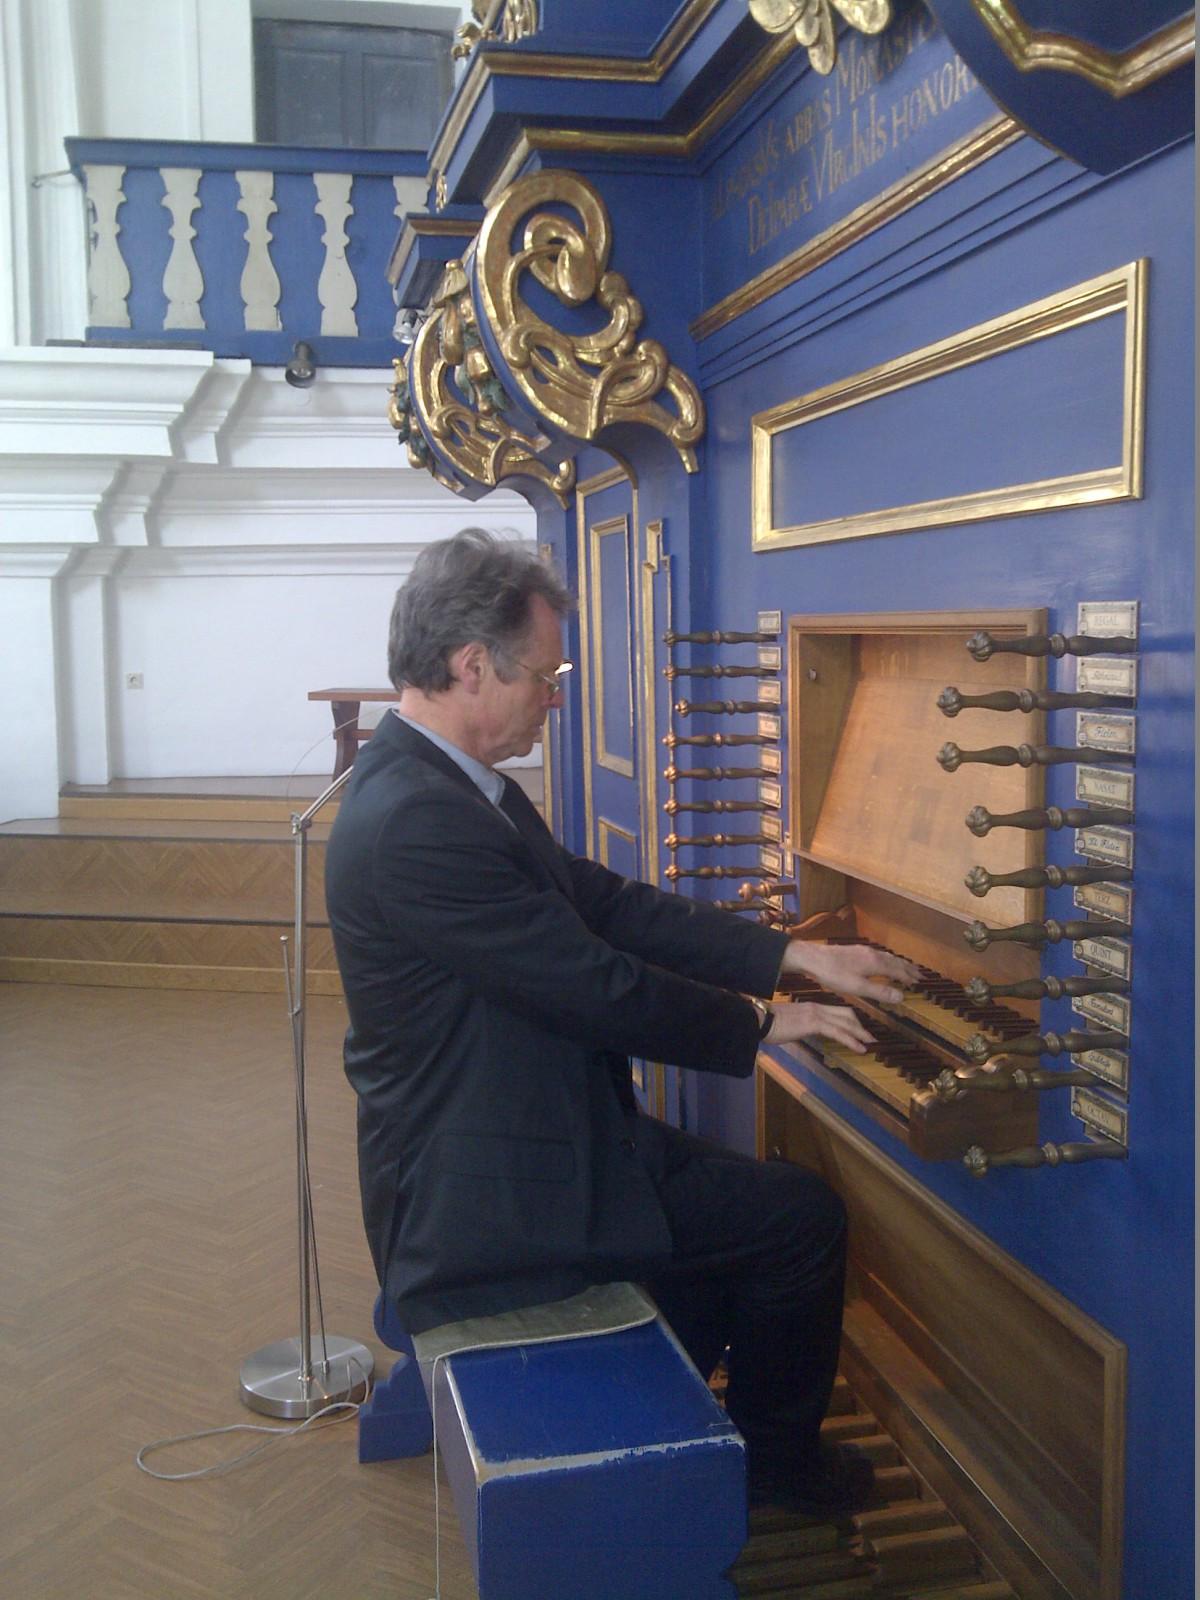 Tasten, leicht wie bei einem Cembalo: Hans-Josef Knaust in seinem Element